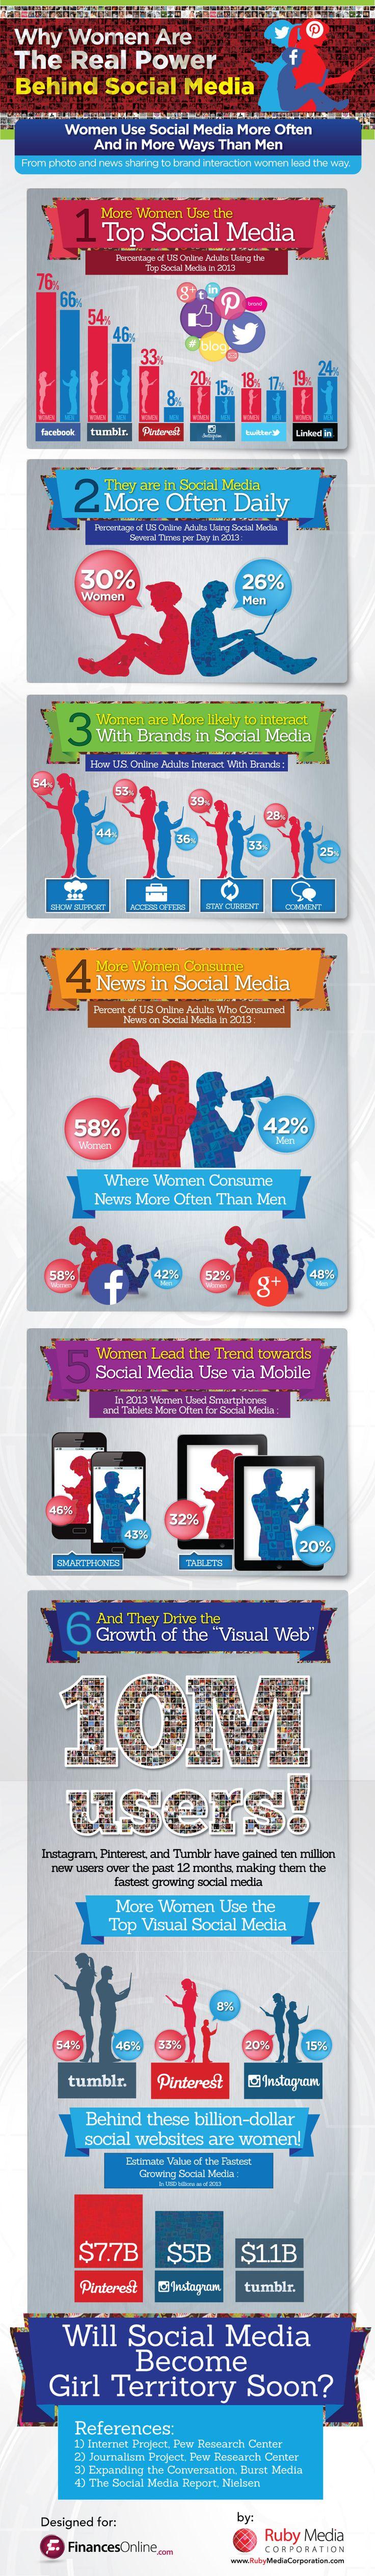 donne e social media